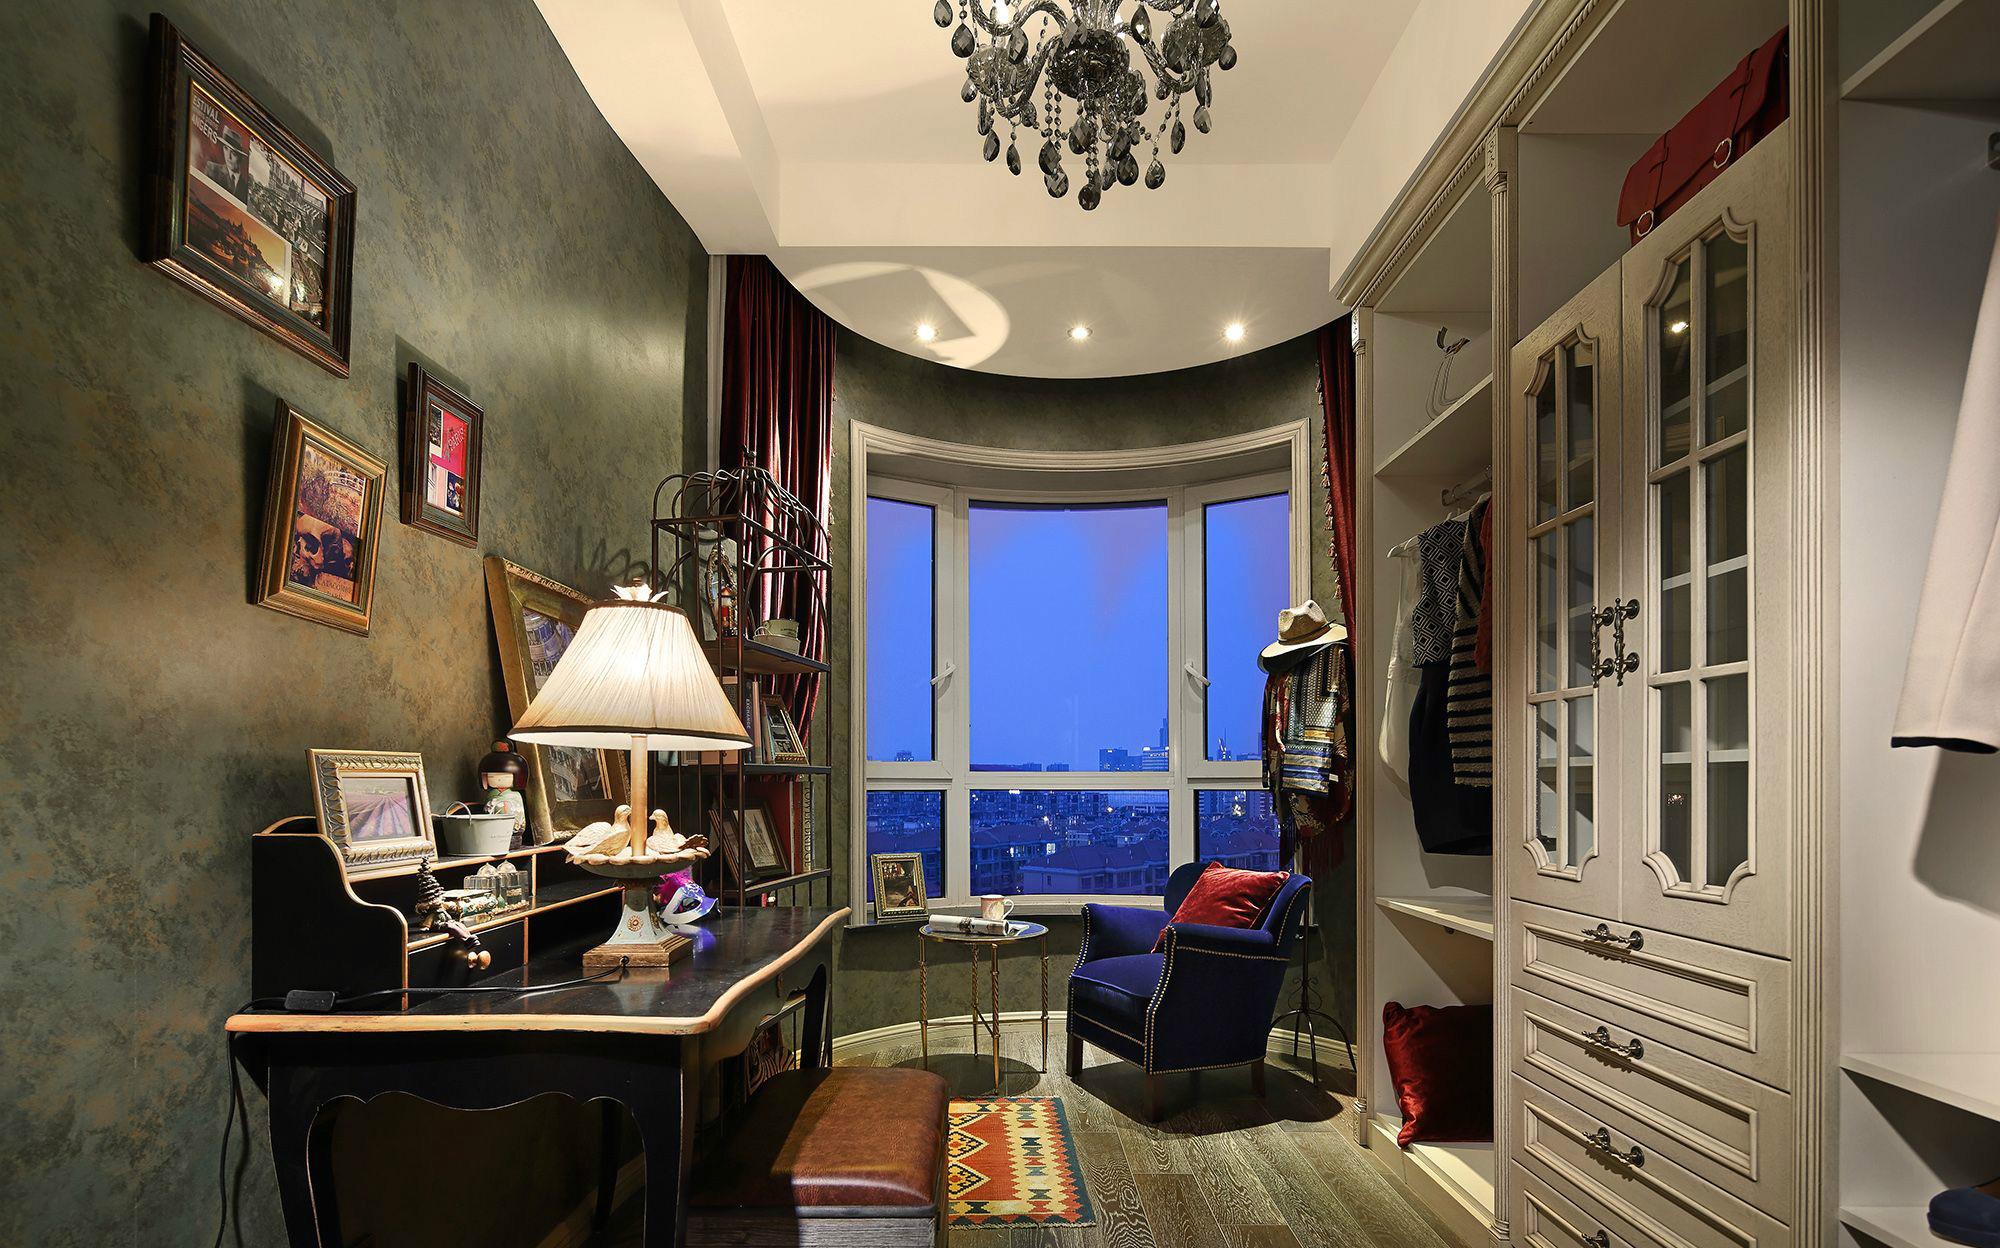 客厅以灰色与白色作为主色调,东西虽然不少,但是有一种贵族气质。